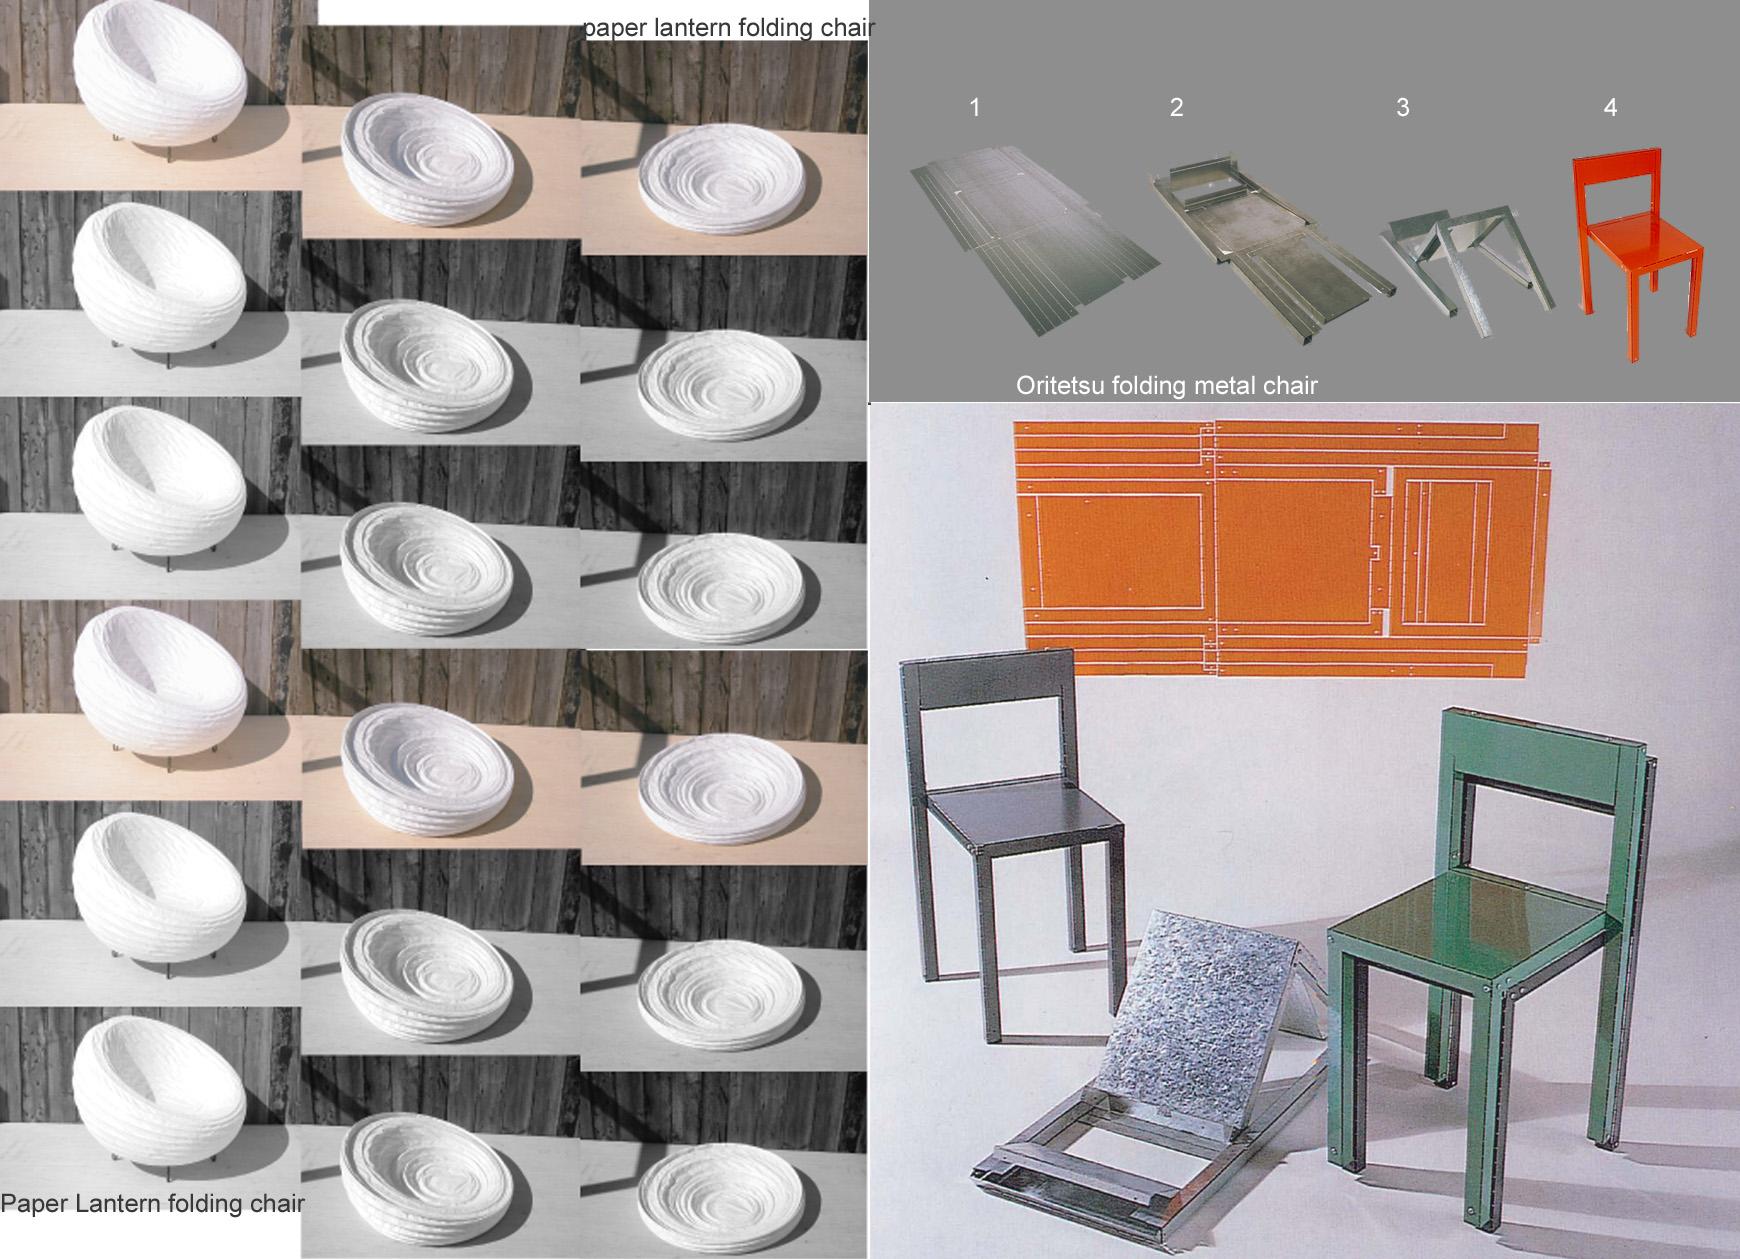 Lantern and Oritetsu chairs